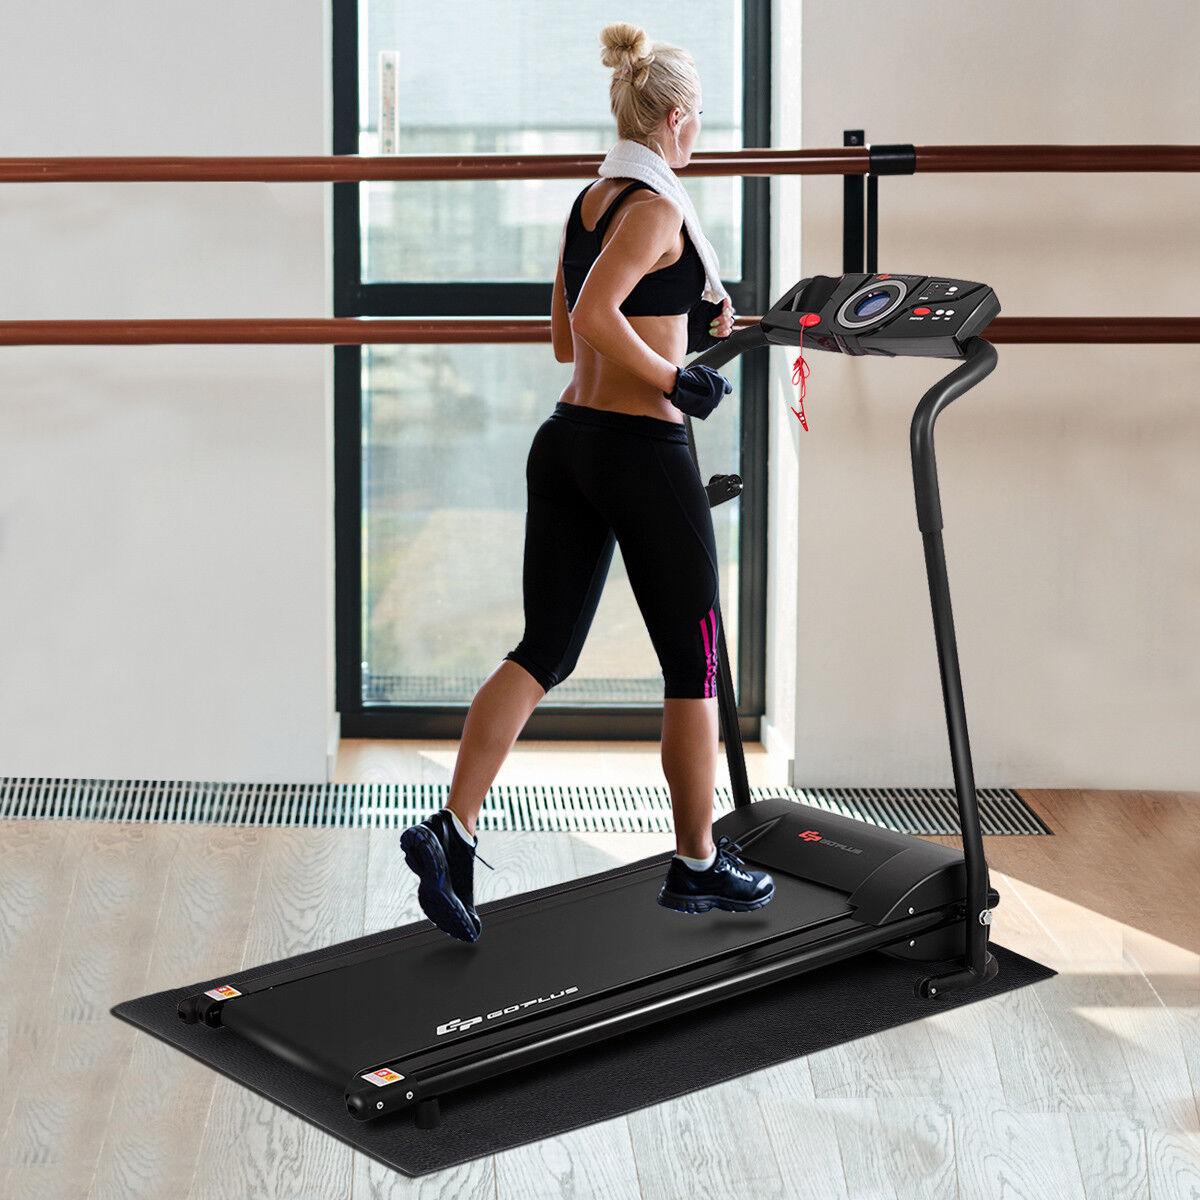 Bodenschutzmatte für Fitnessgeräte Bodenmatte Unterlegmatte Multifunktionsmatte